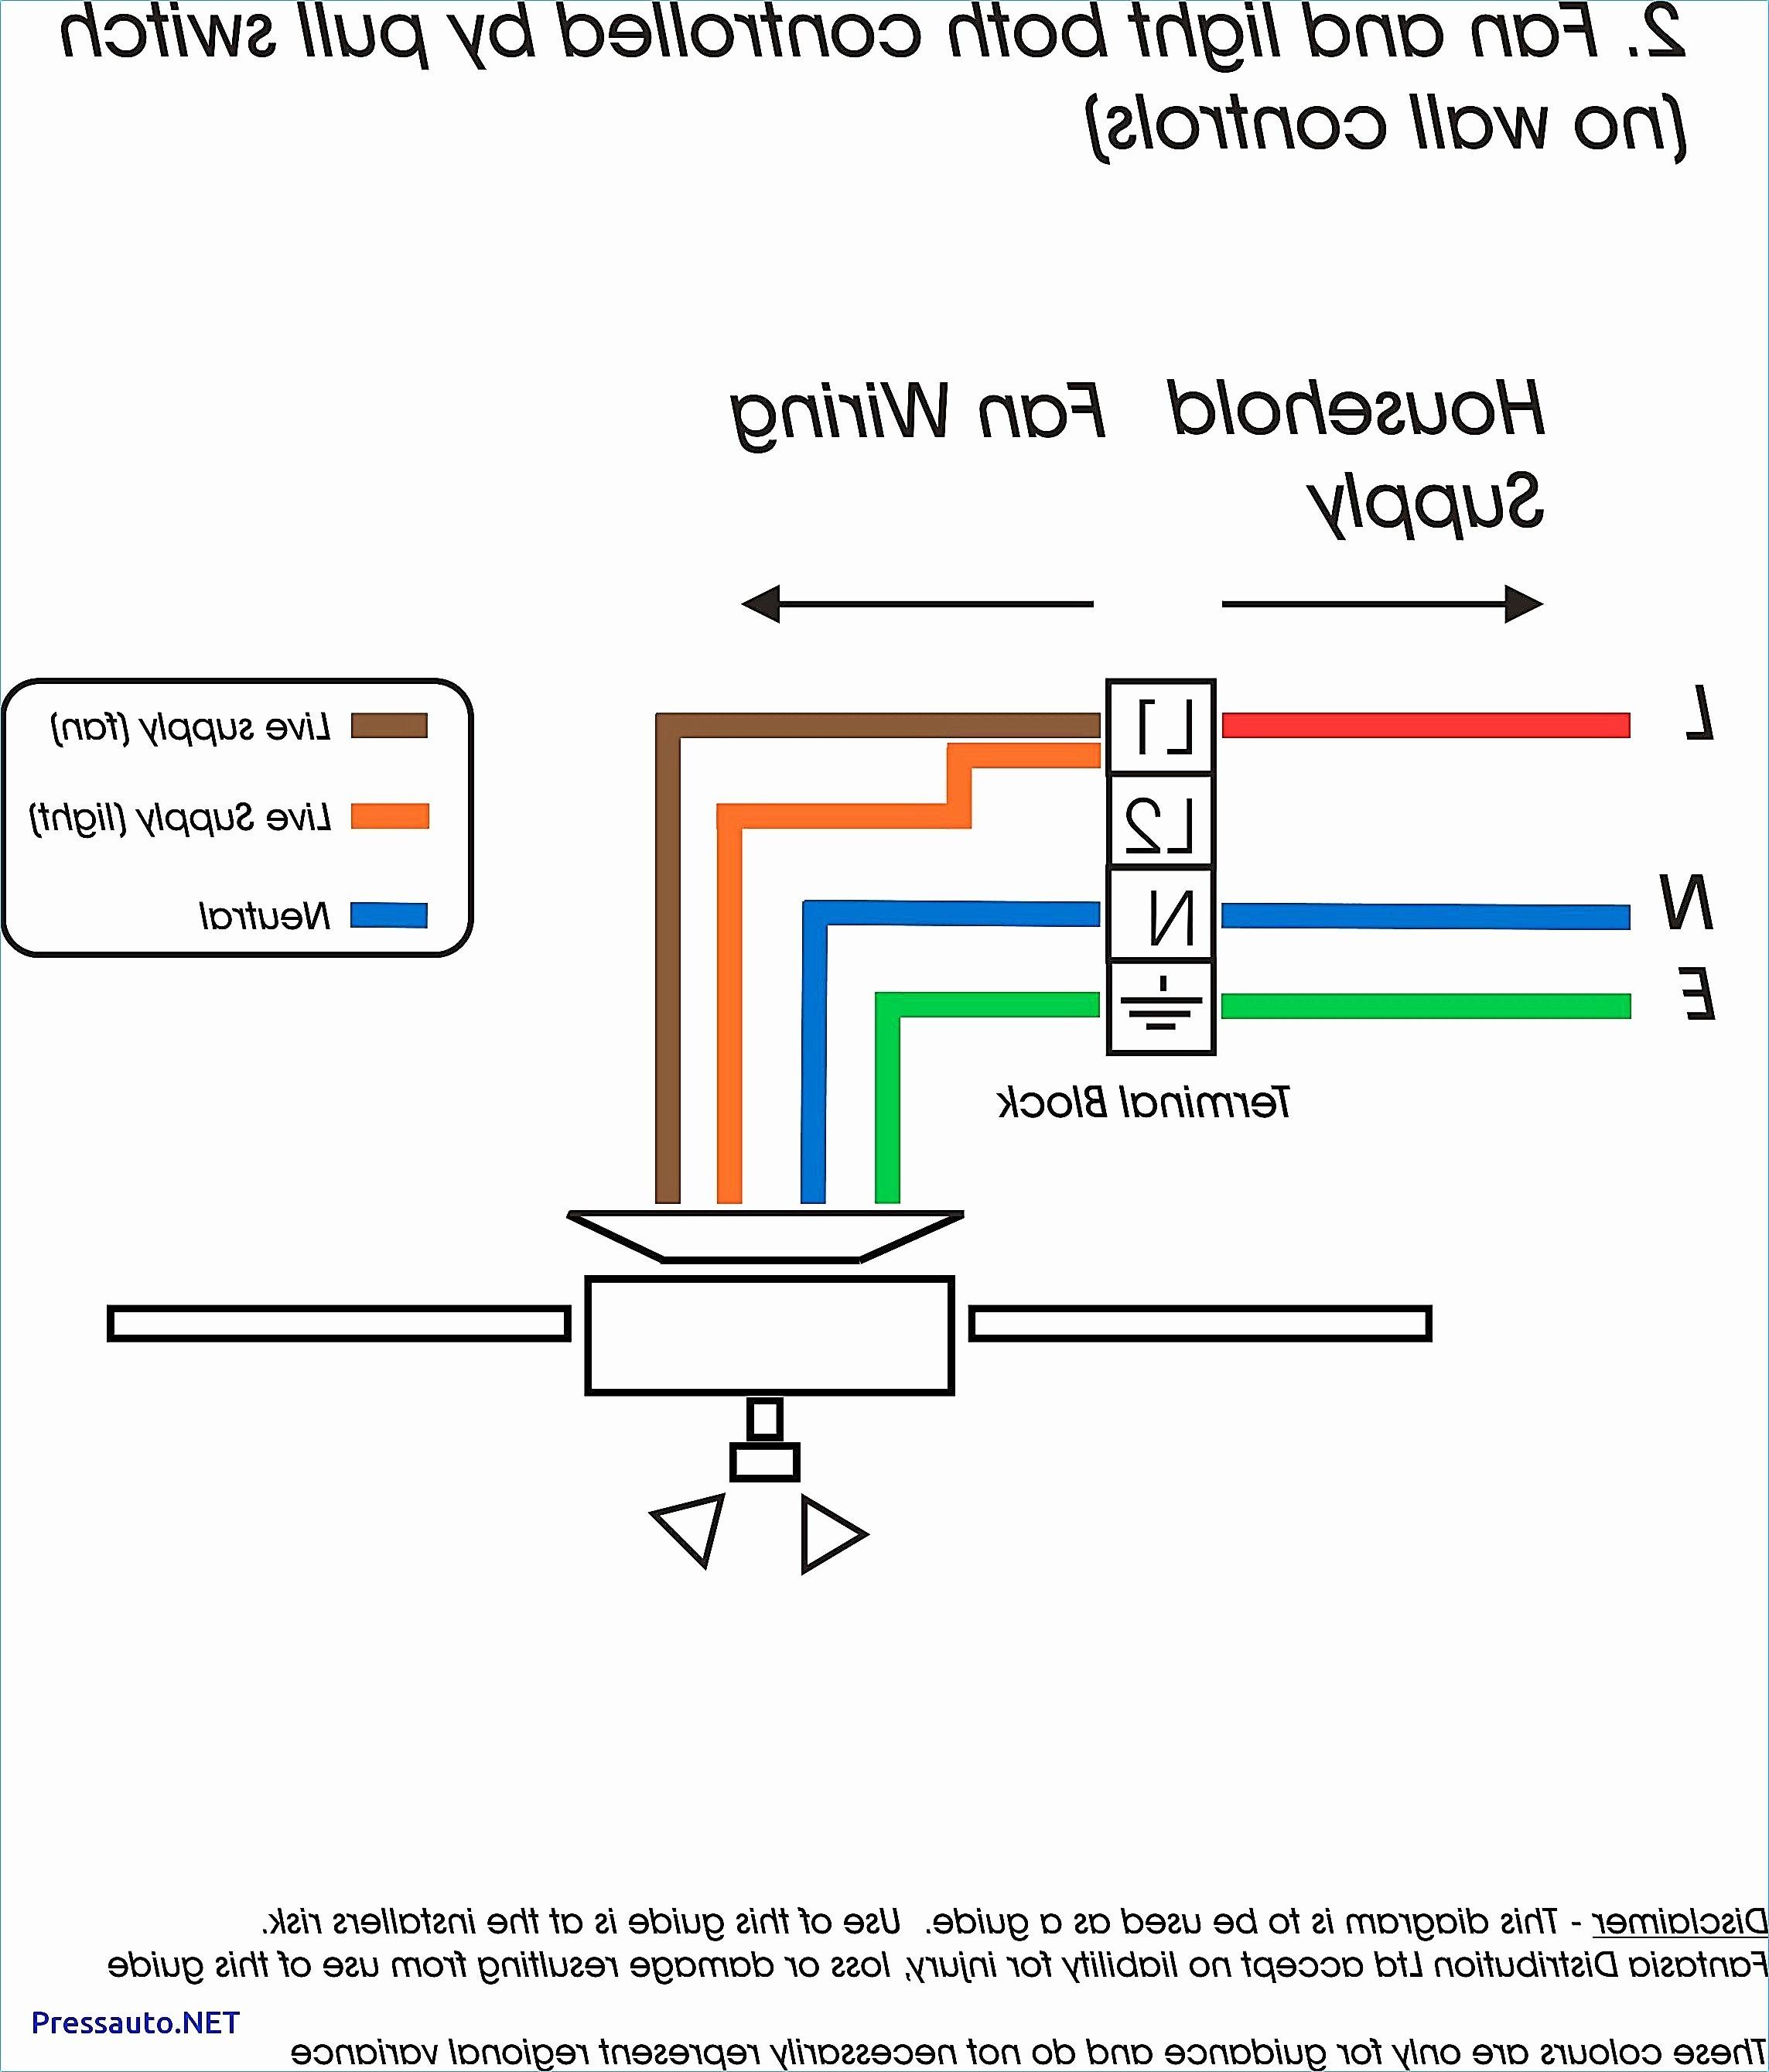 Fahrenheat Baseboard Heater Wiring Diagram Save Baseboard Heaters Fahrenheat Baseboard Heater Wiring Diagram 240V Fahrenheat Baseboard Heater Wiring Diagram